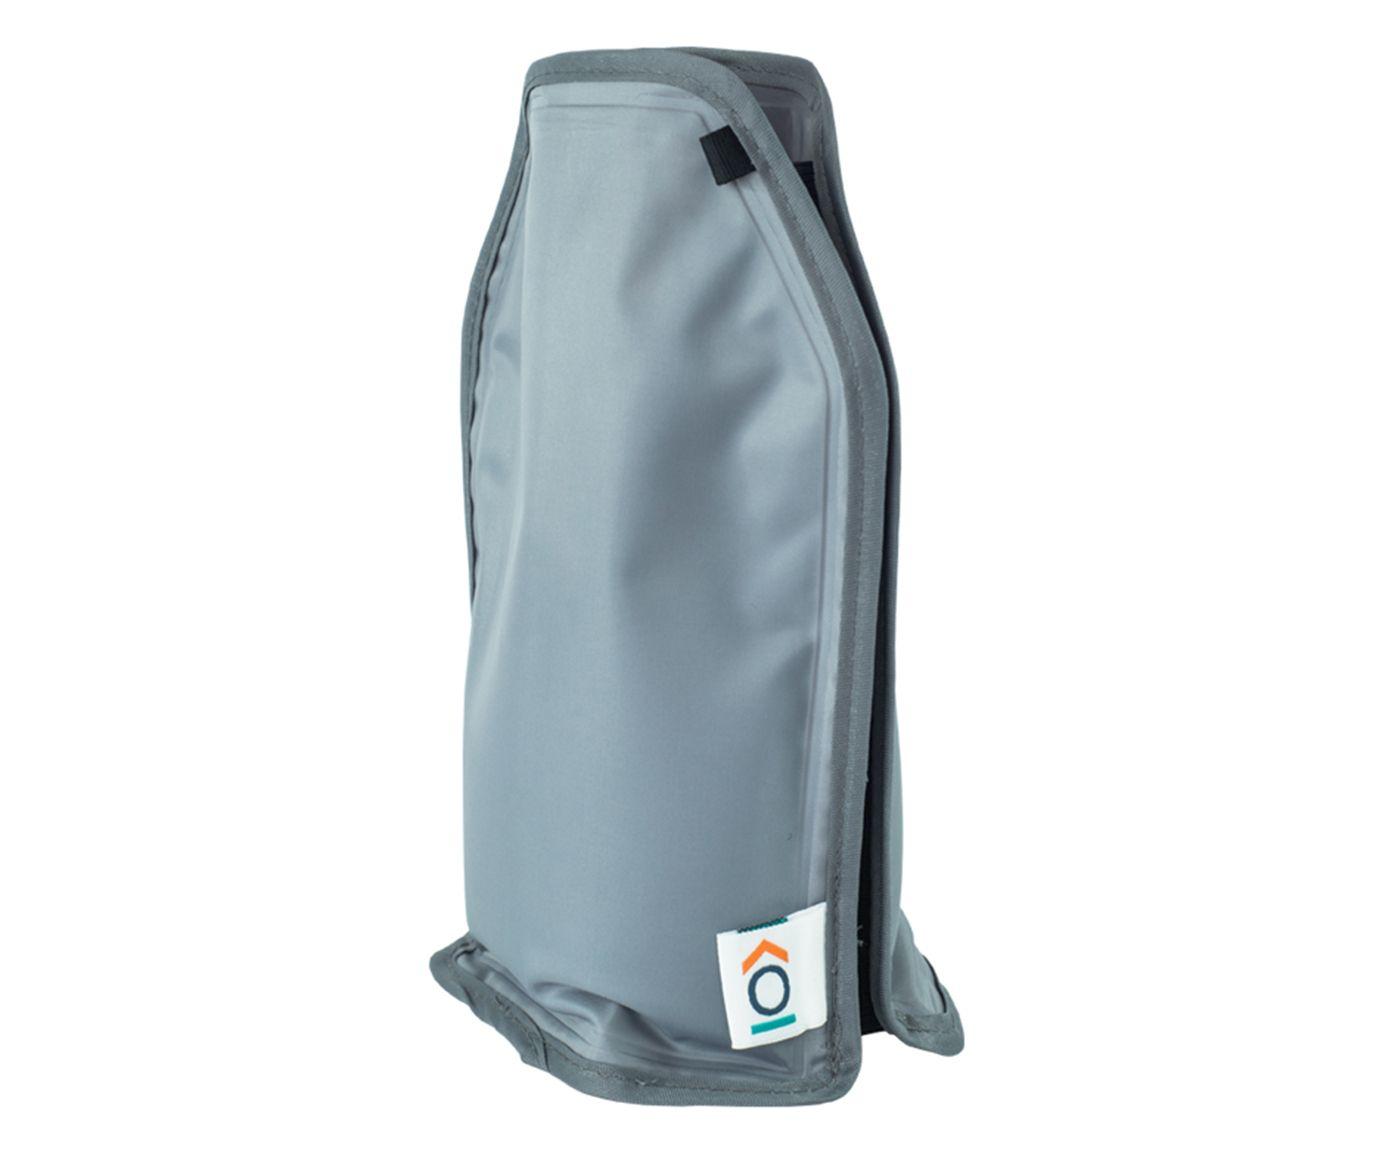 Capa Térmica Congelável para Garrafas Soigné Cinza - 13,5X38cm | Westwing.com.br